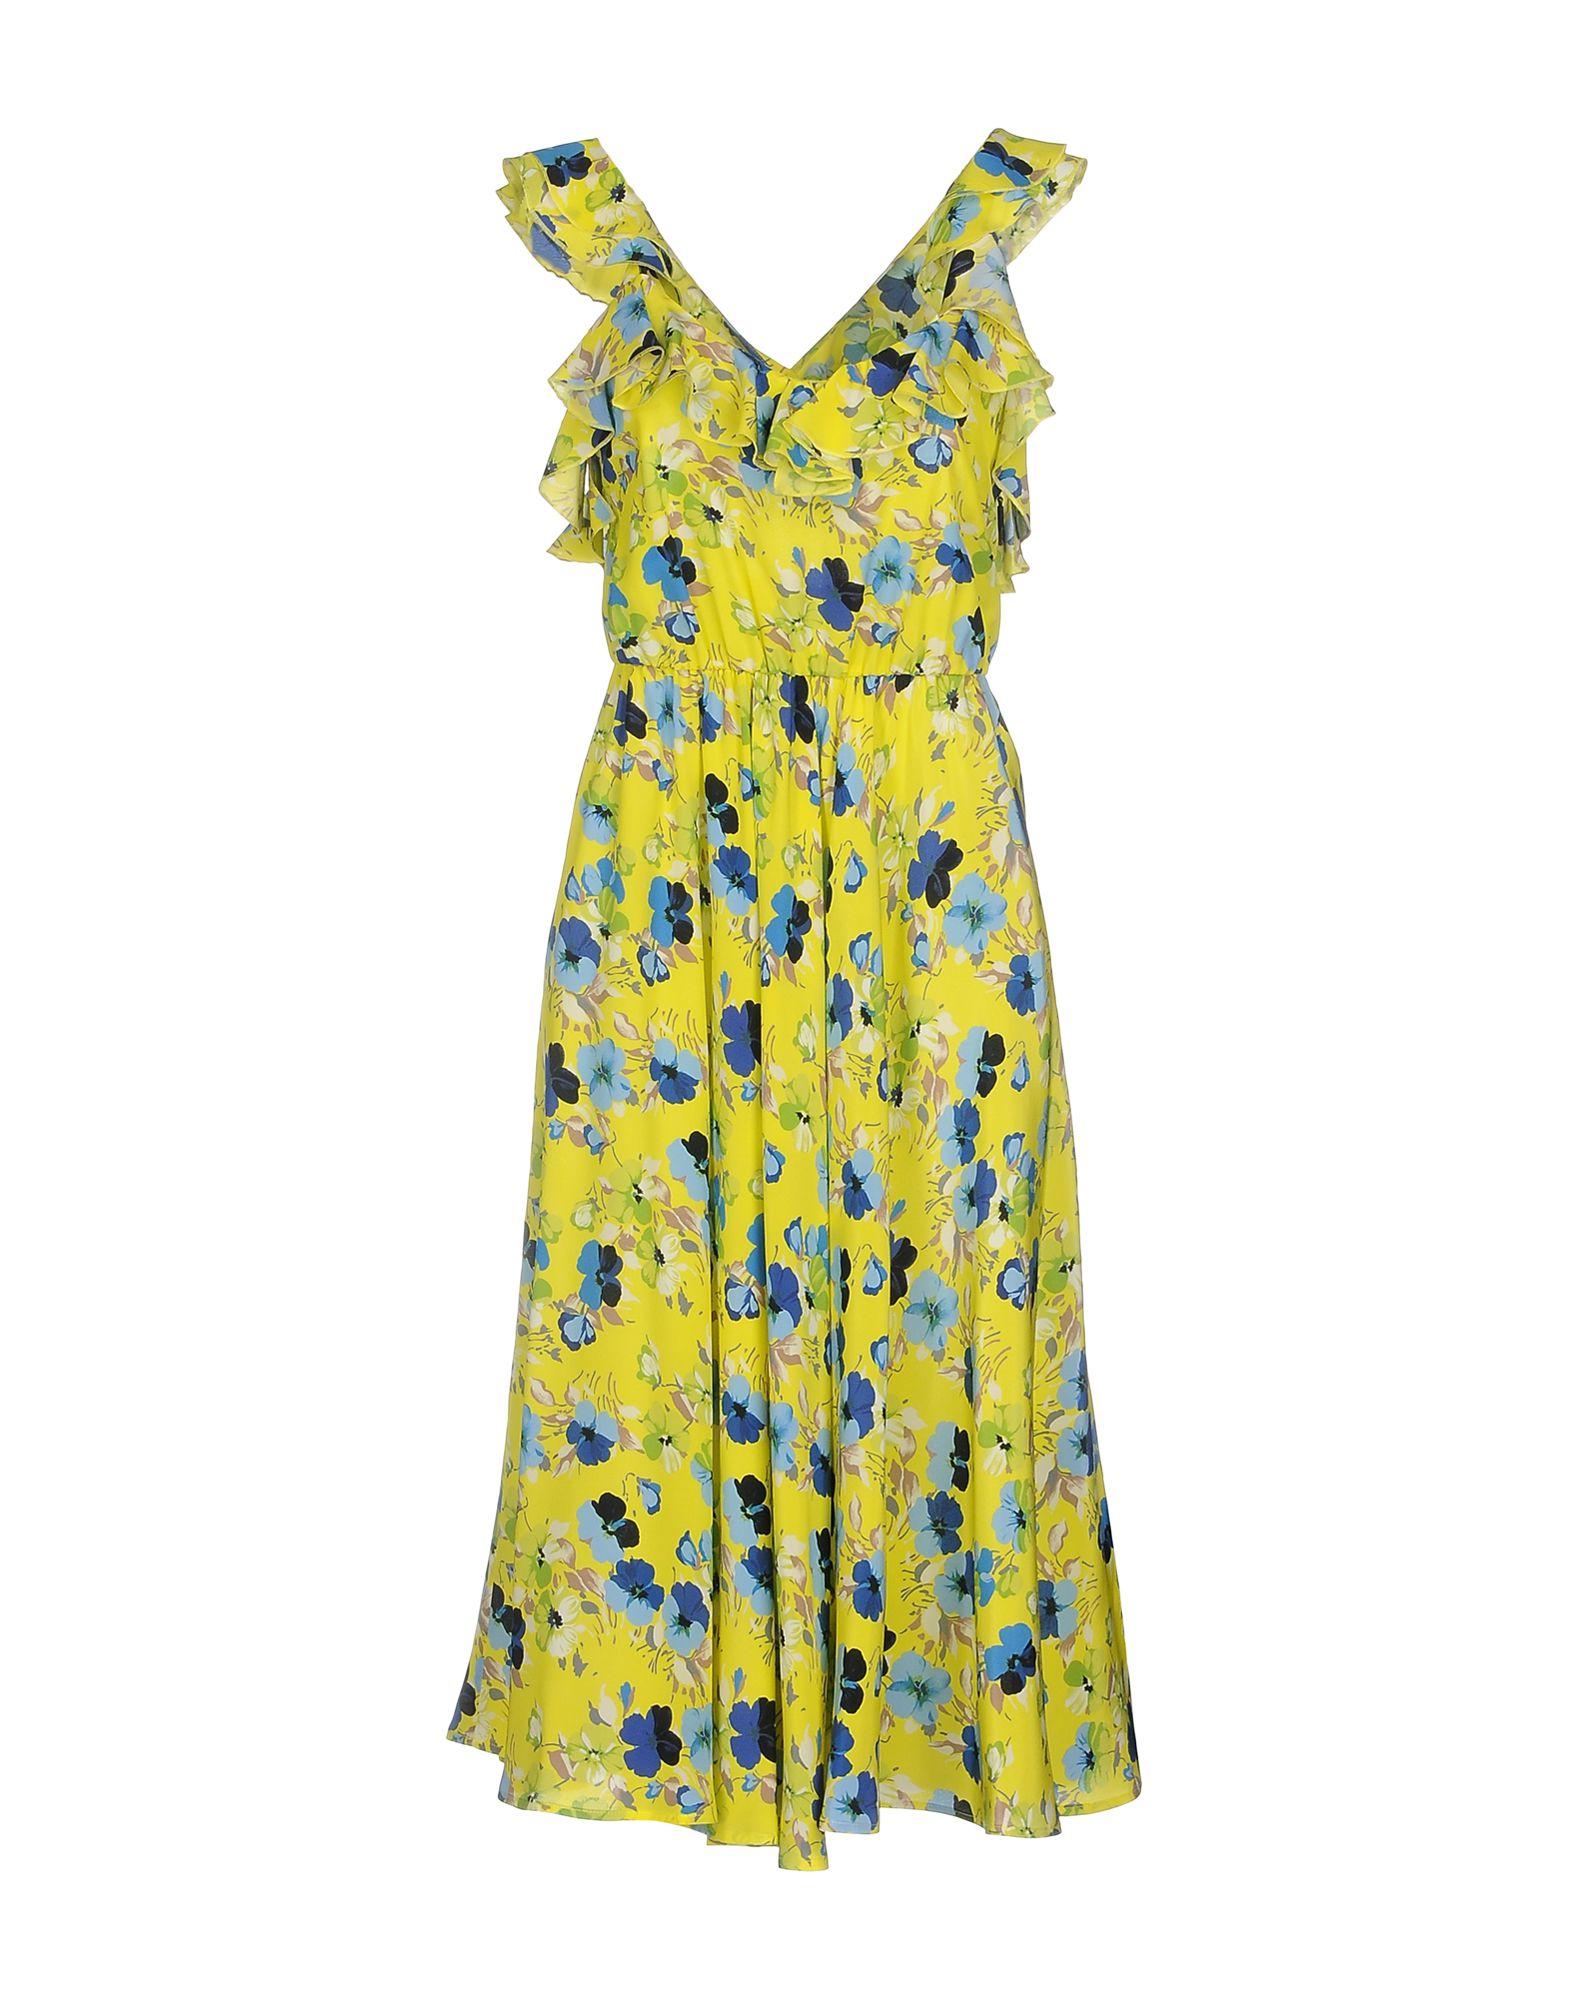 MSGM Платье длиной 3/4 женское платье 21050